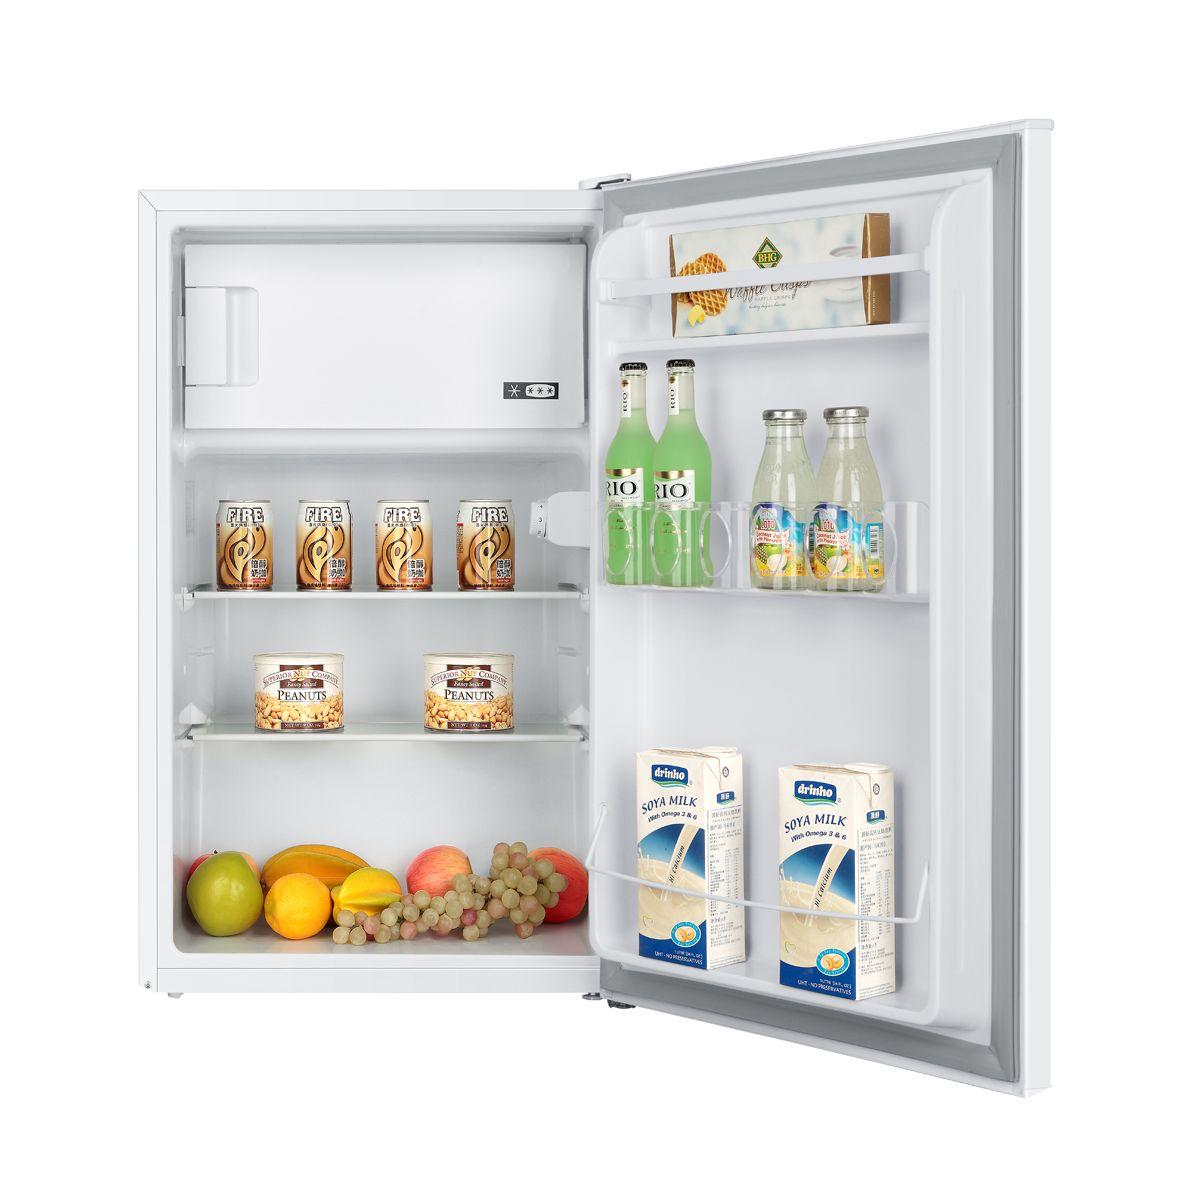 大连博世冰箱售后维修-冰箱短路了怎么回事